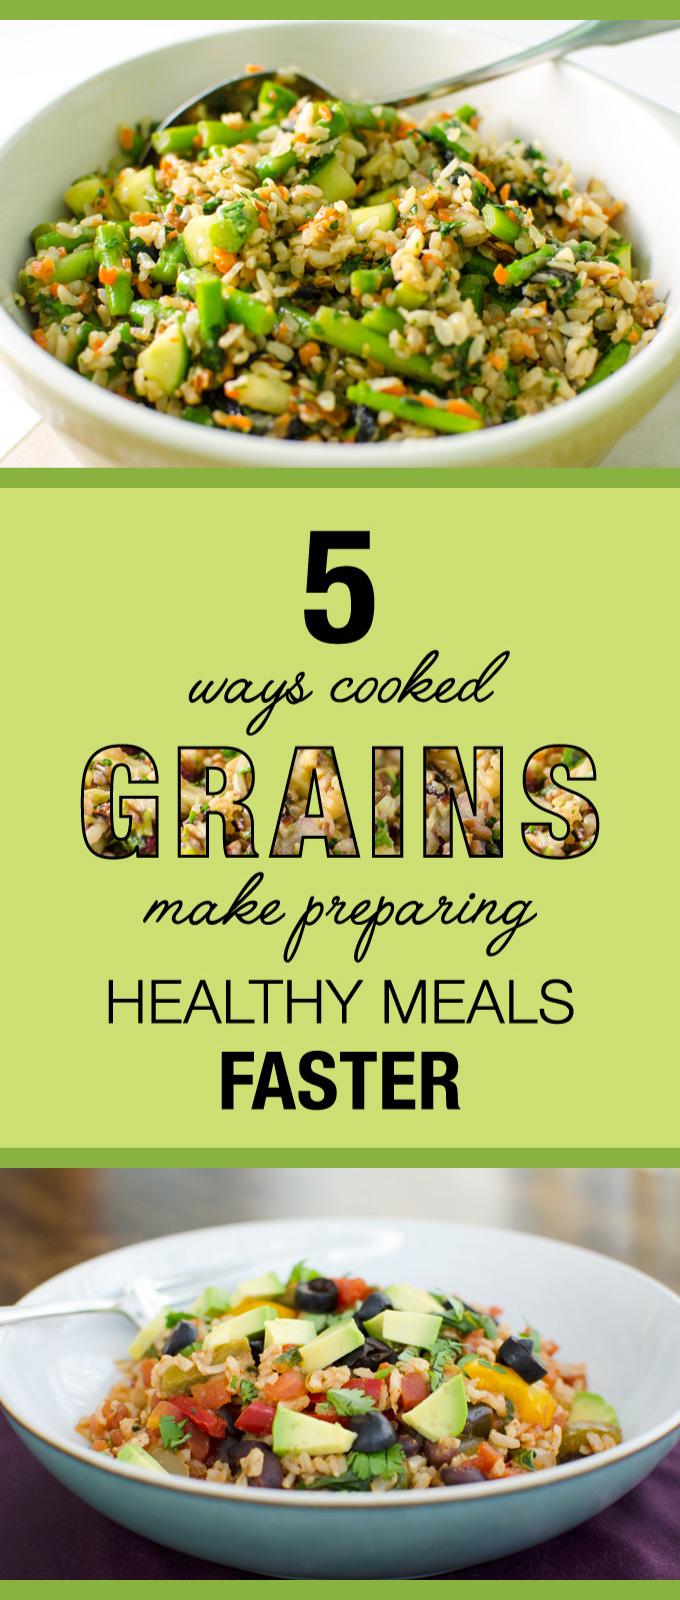 5 Ways Cooked Grains Make Preparing Healthy Meals Faster | VeggiePrimer.com